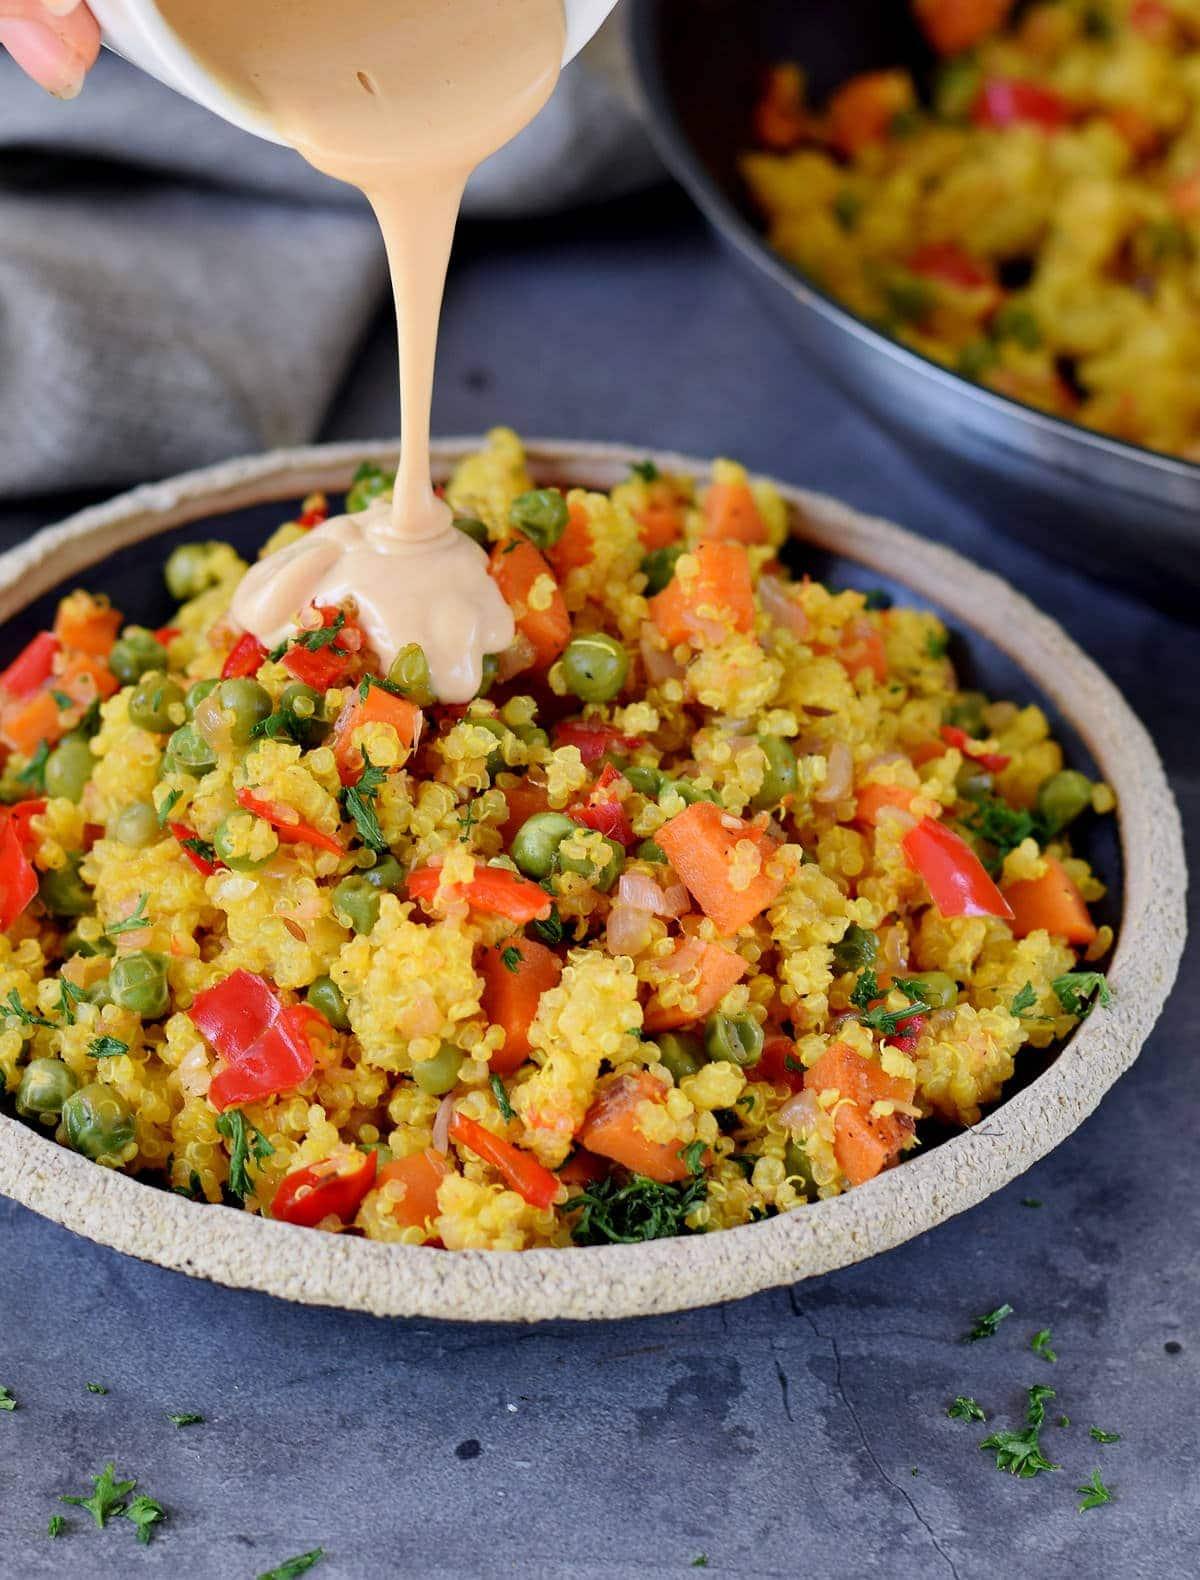 pouring salad dressing over quinoa veggie mixture